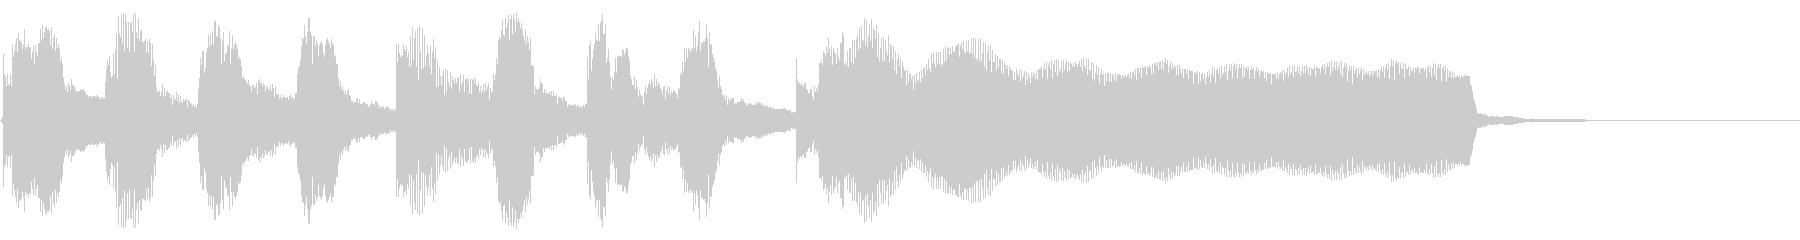 あかるい リコーダー トイピアノの未再生の波形